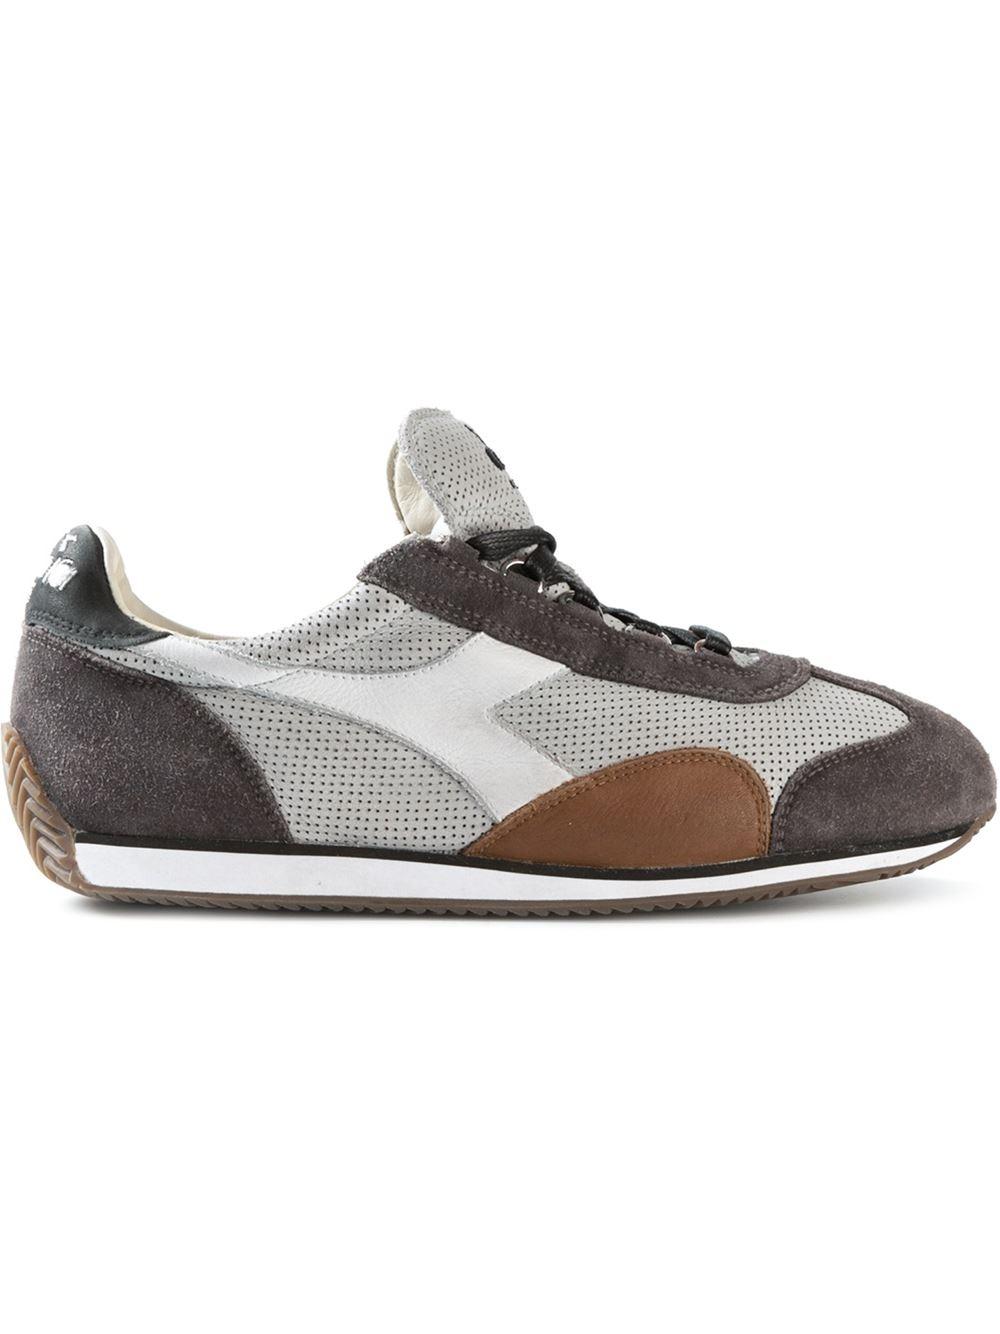 diadora sneakers - photo #10